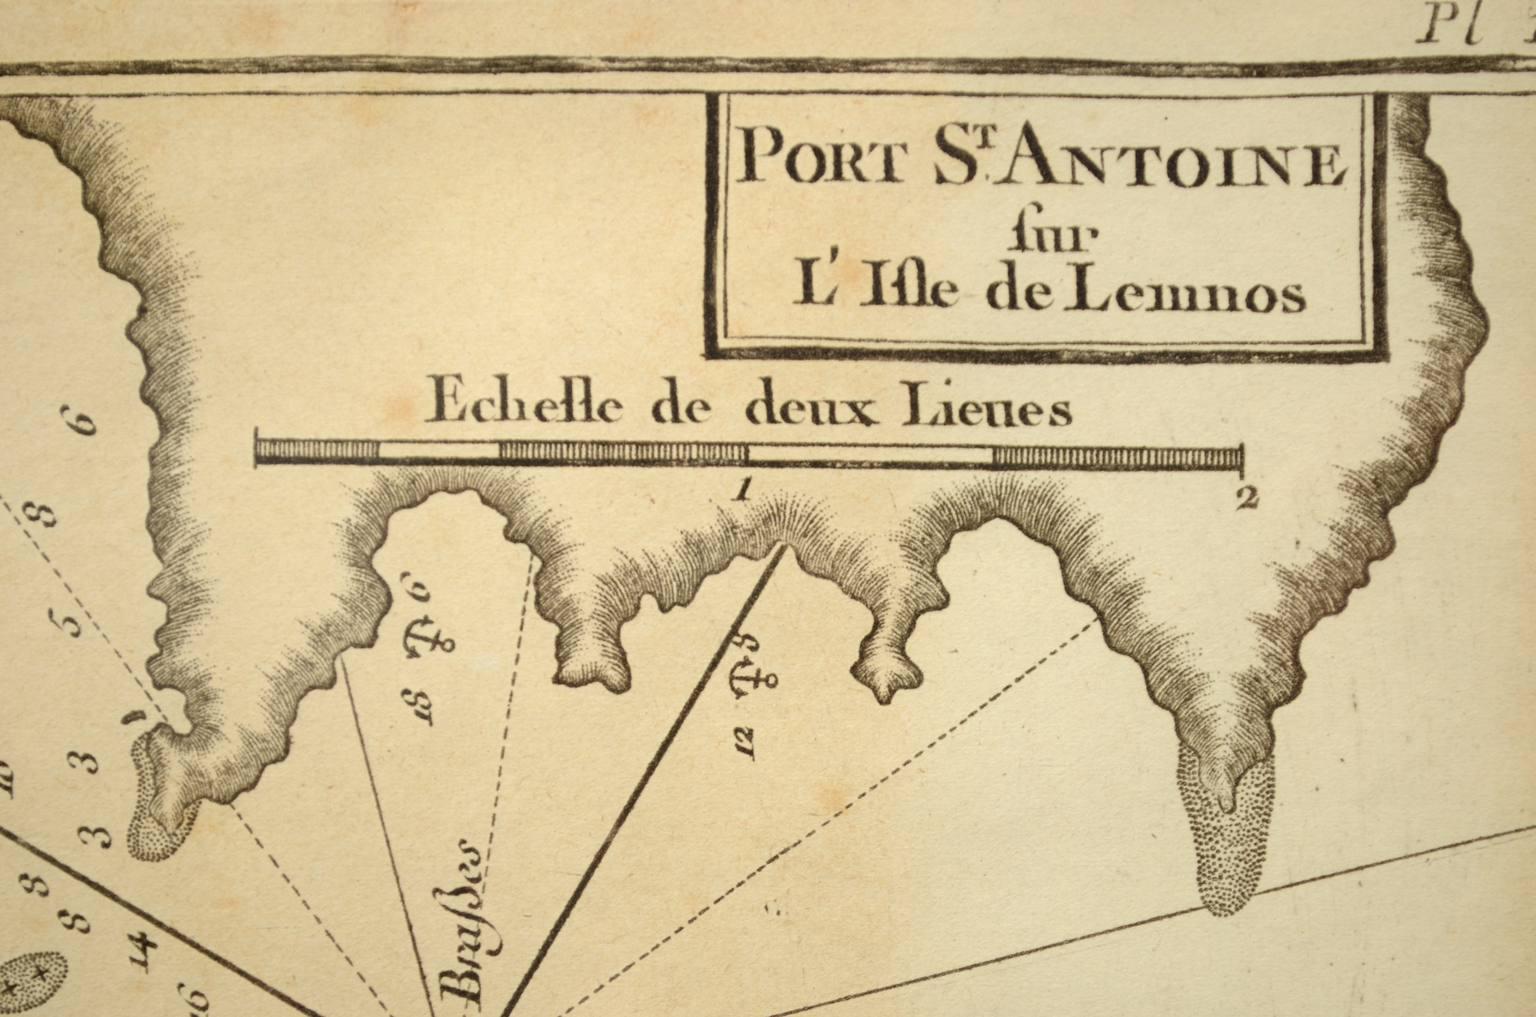 Antiquariato nautico/2514-Port St Antoine